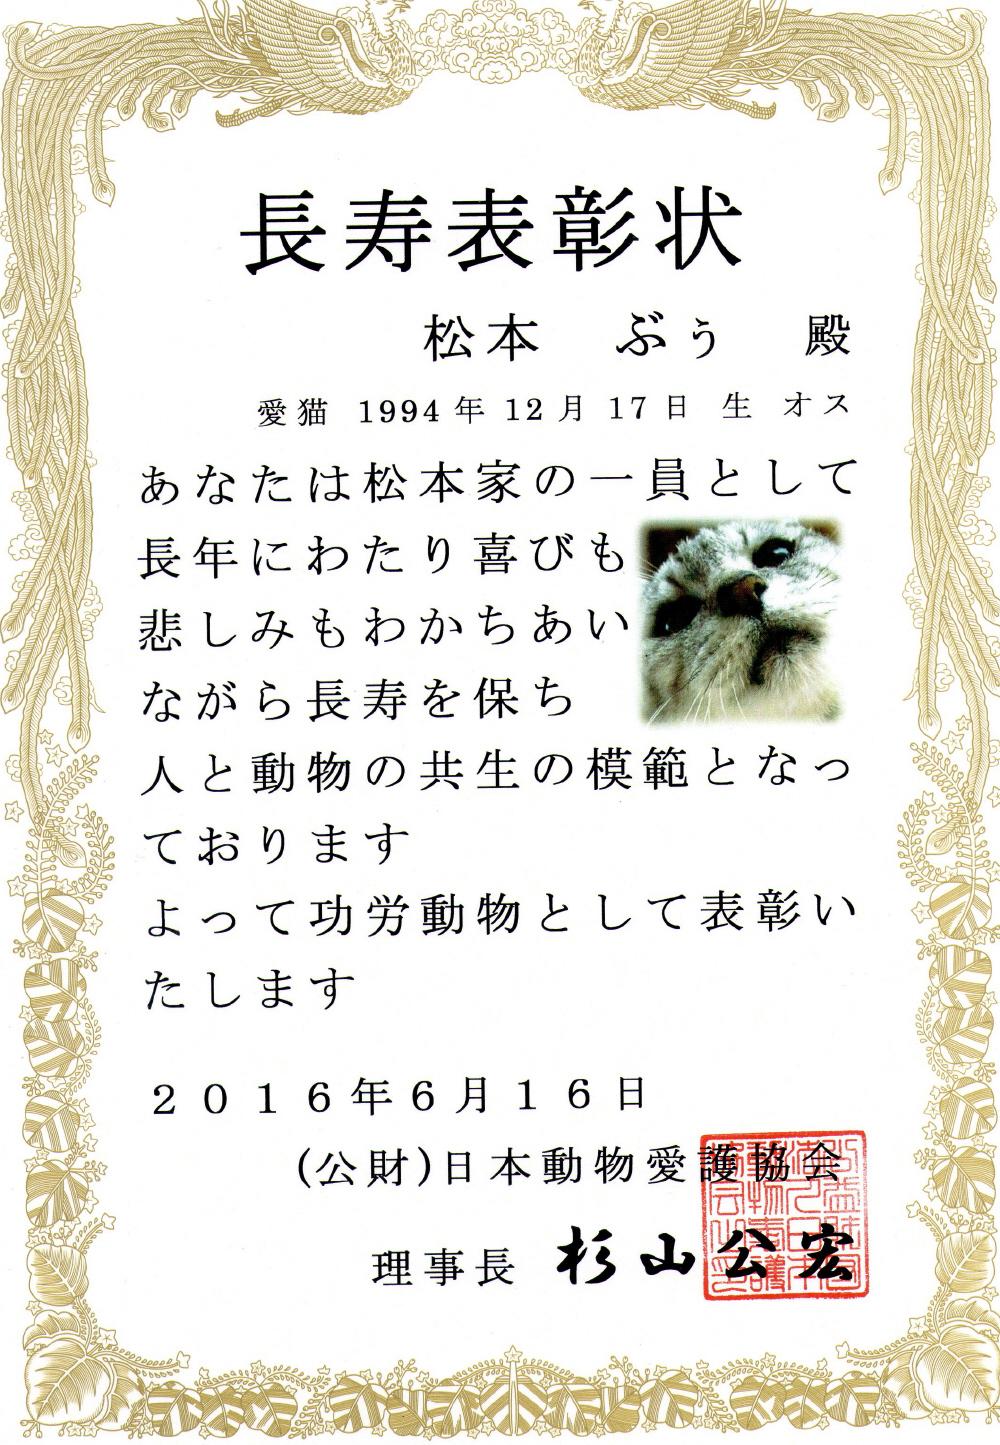 boo_20160616.jpg